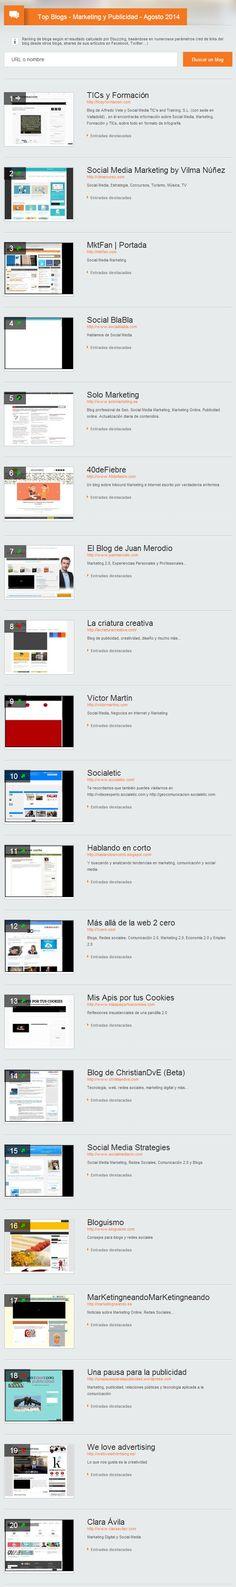 Los 20 #blogs mas influyentes de #Marketing del año 2014 en España, en una #infografía.